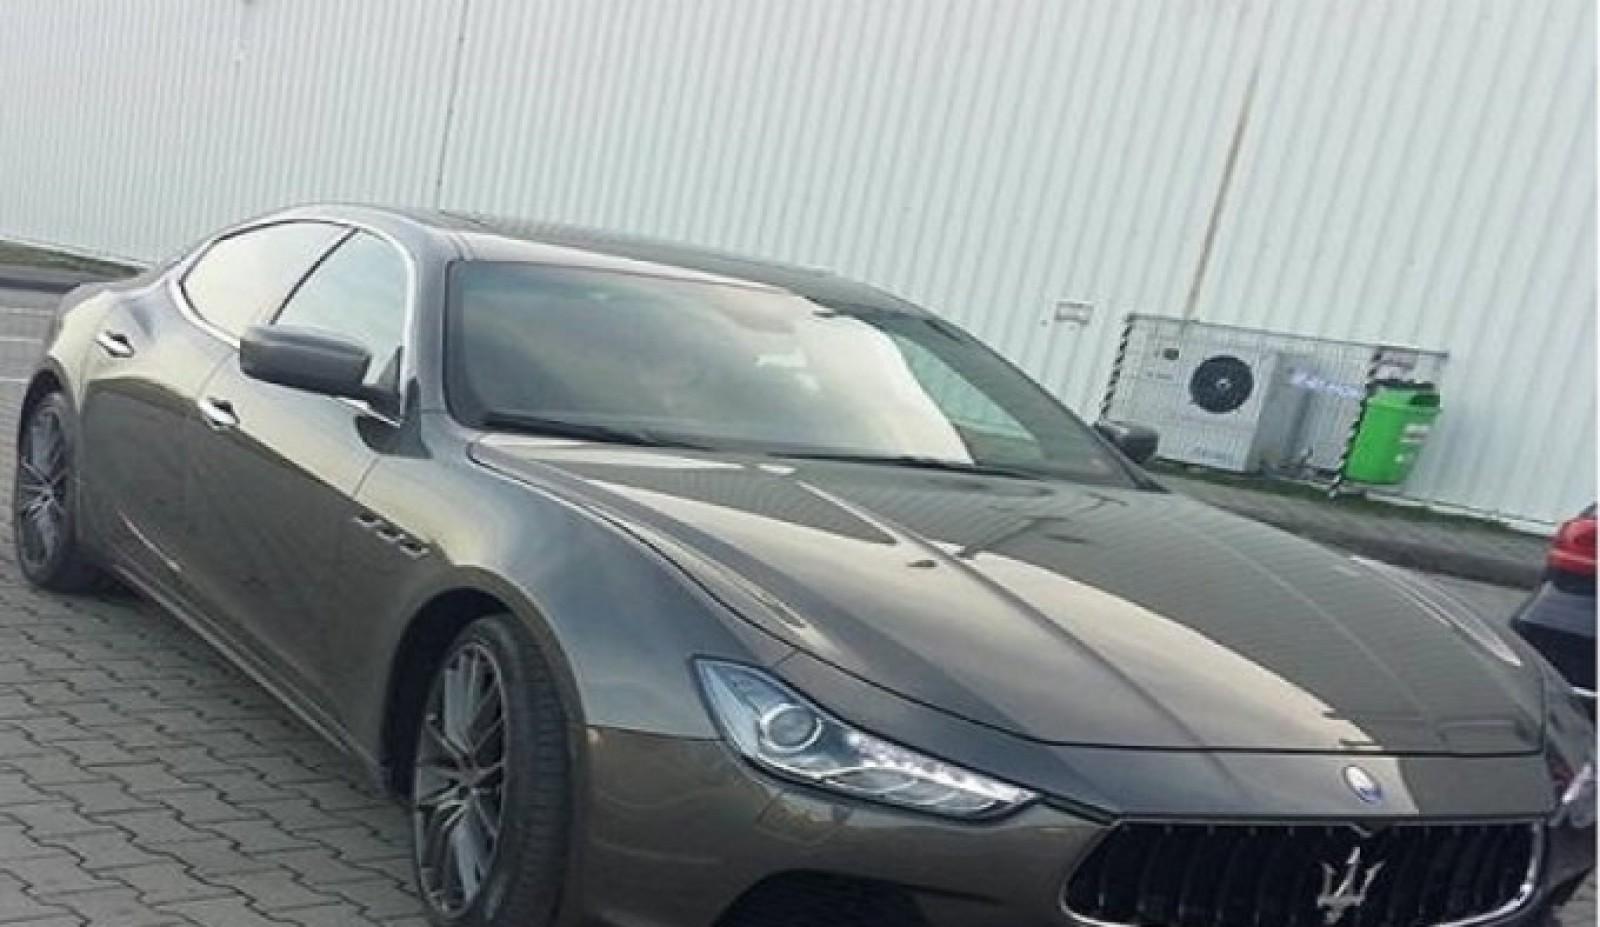 Au furat un Maserati de 80 000 euro: Vezi cum a fost găsit 5 zile mai târziu